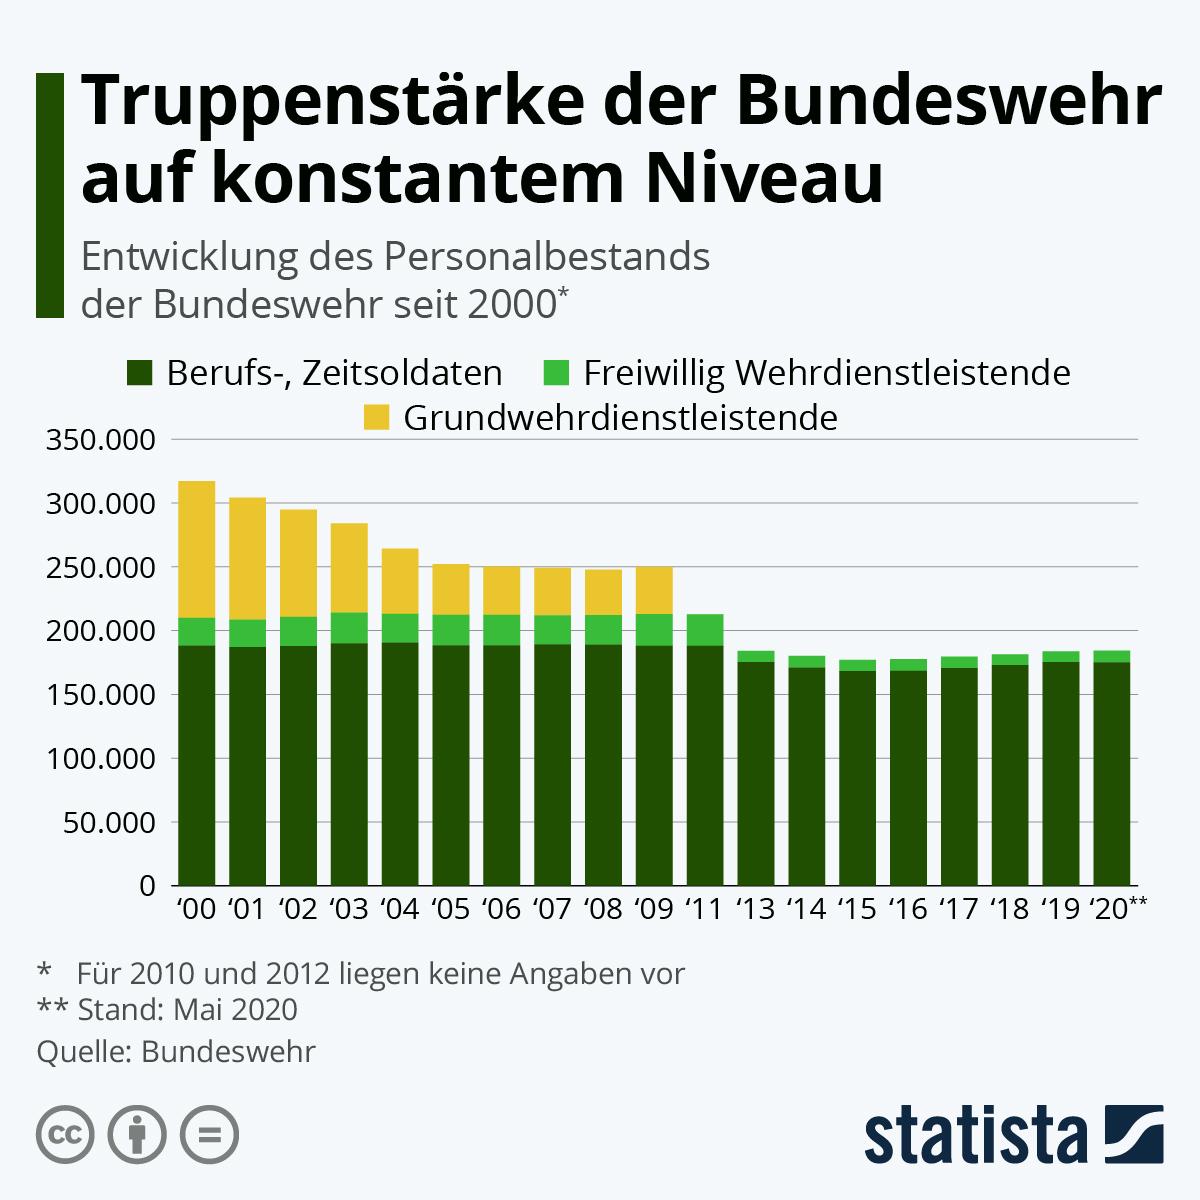 Infografik: Truppenstärke der Bundeswehr auf konstantem Niveau | Statista